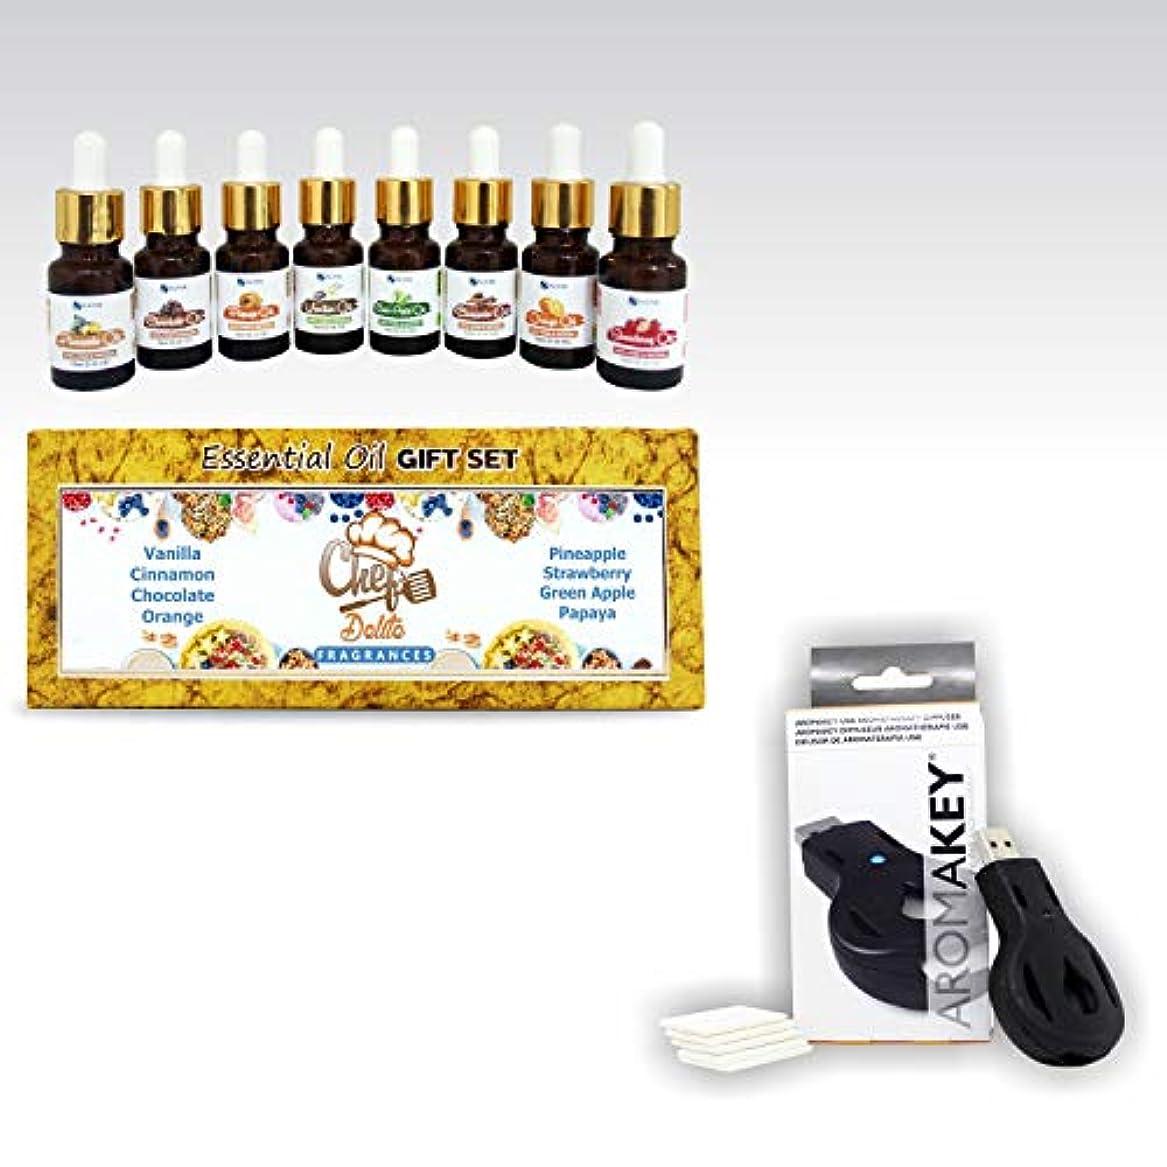 増強する製油所ヘルシーAromatherapy Essential Oils - Chef's Delite (Pack of 8) 100% Pure & Natural Plus Aromakey USB Personal Diffuser...